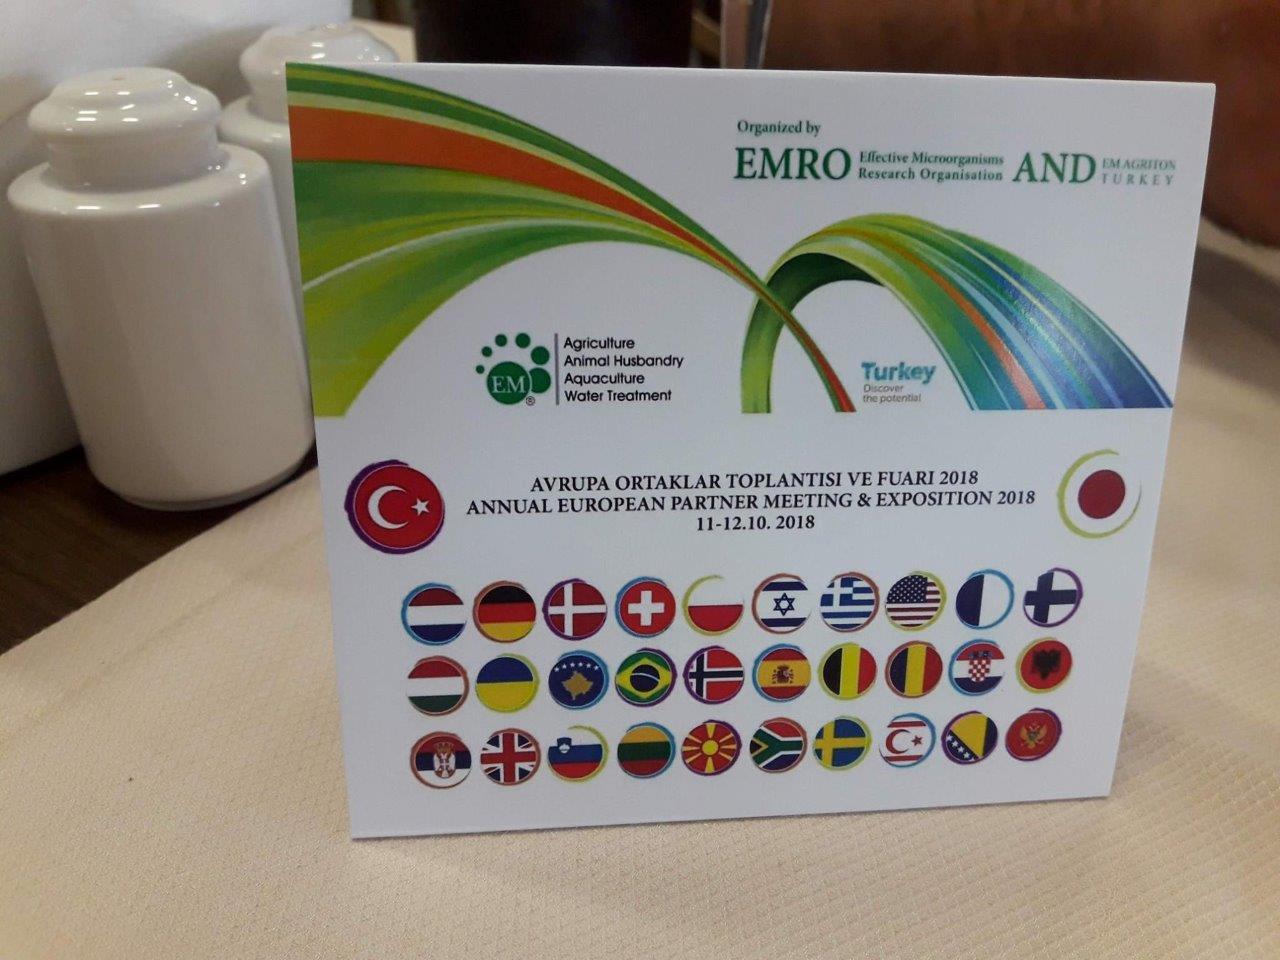 Doroczne Europejskie Spotkanie Partnerów EM 2018